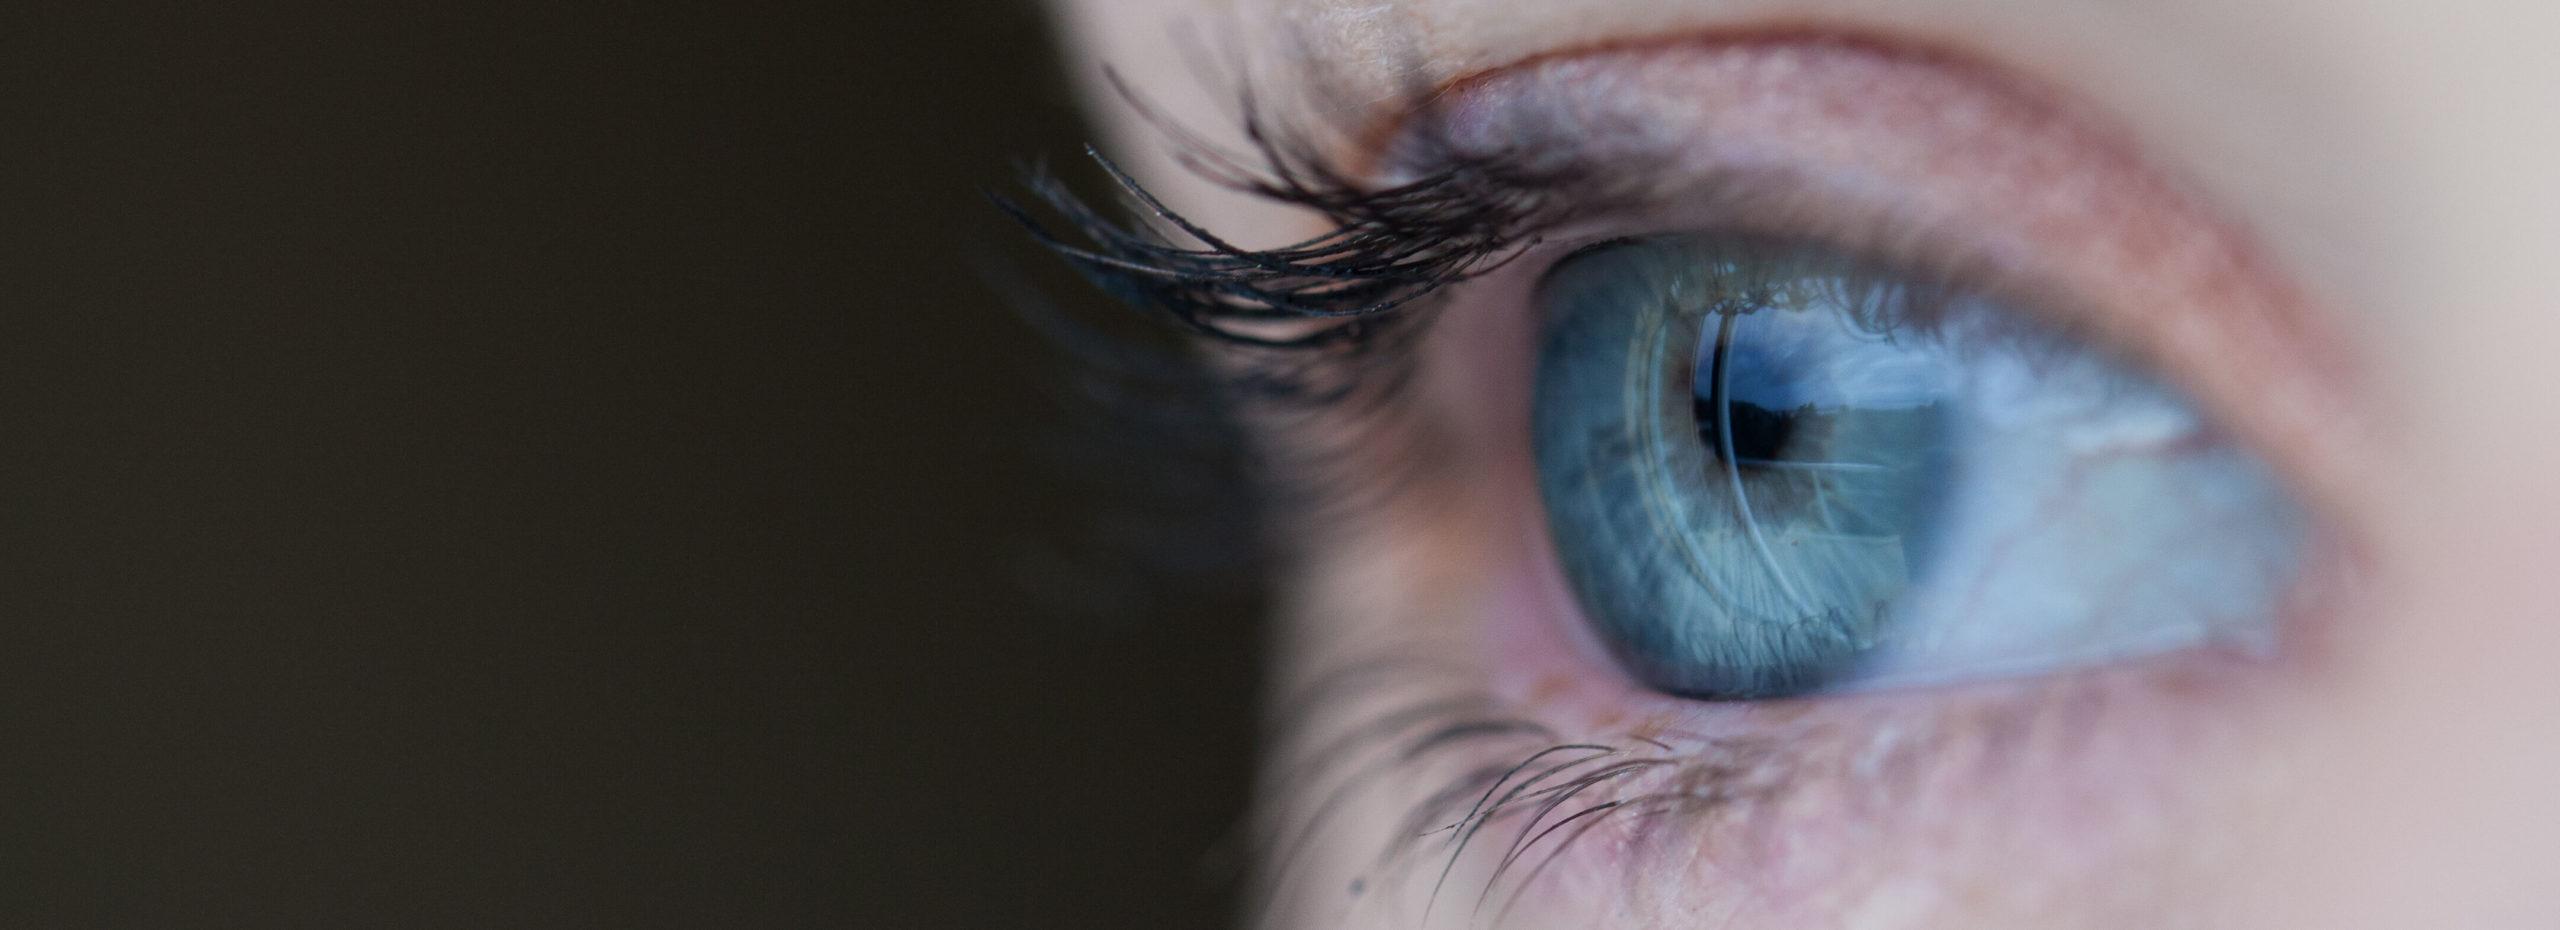 freiheit ohne brille